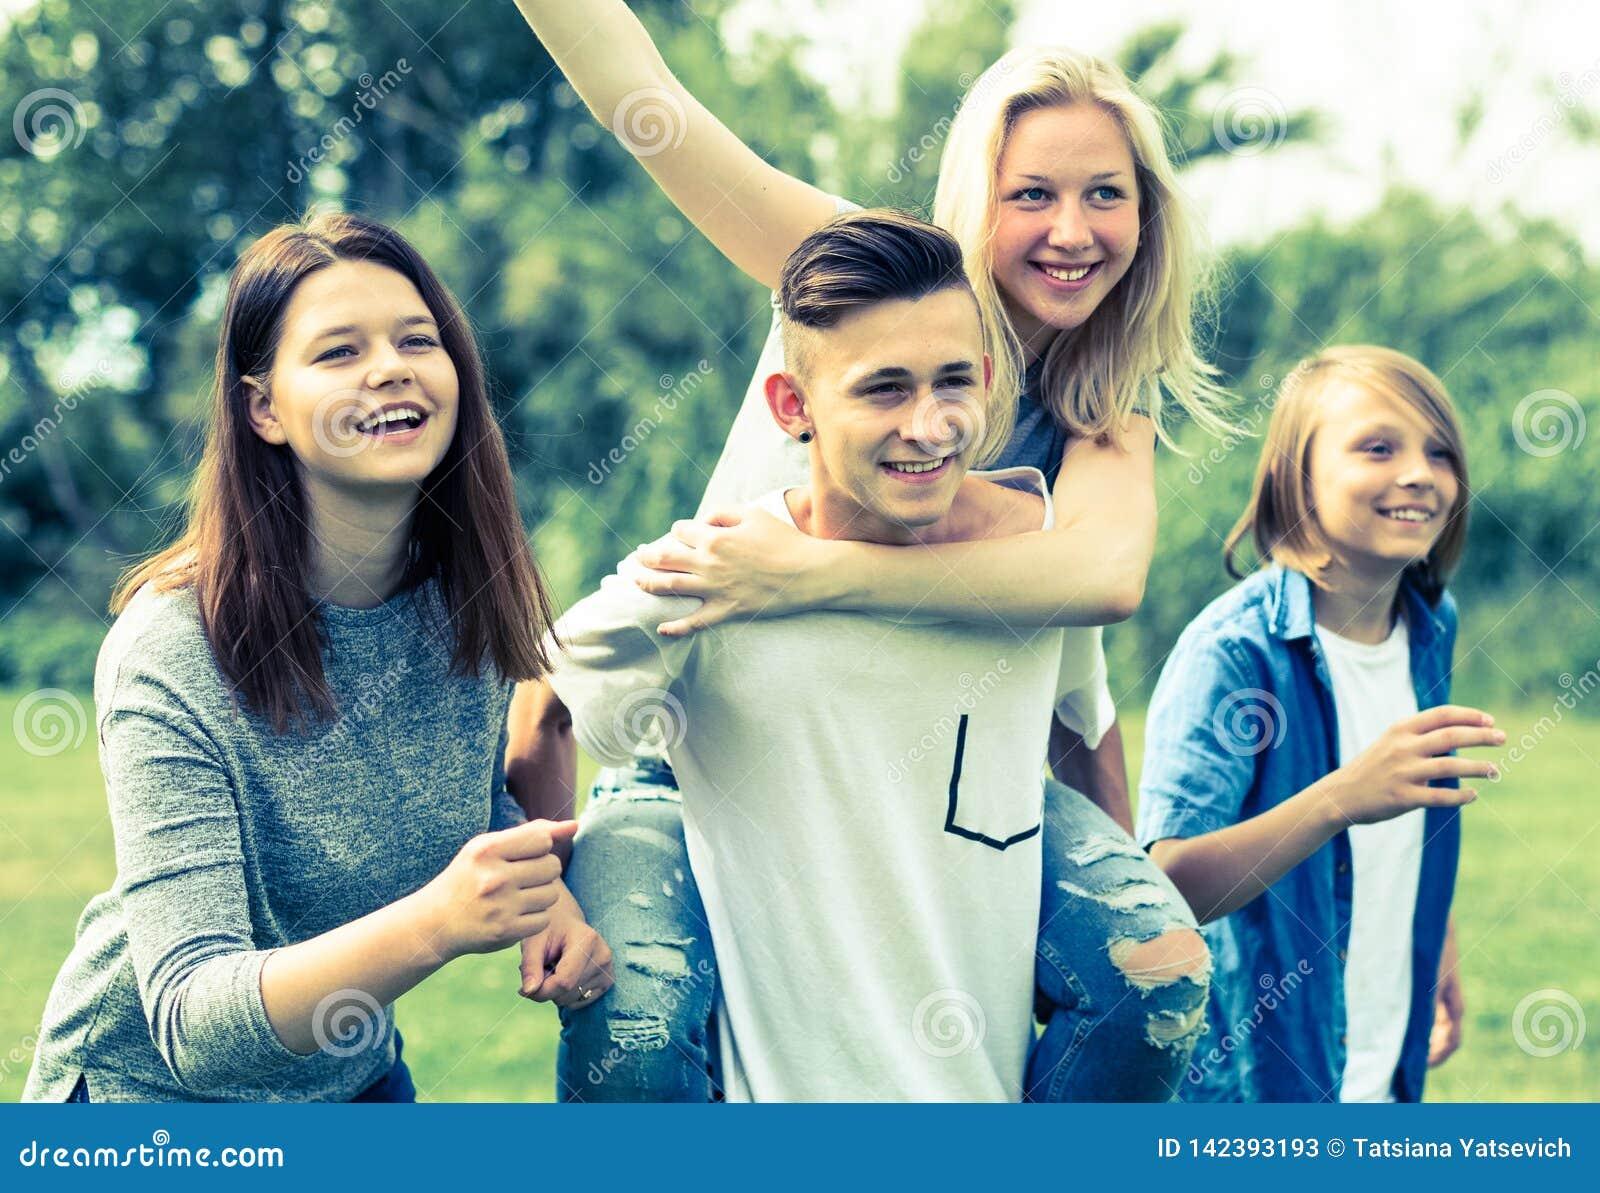 Adolescentes que corren a través de césped verde en verano en parque